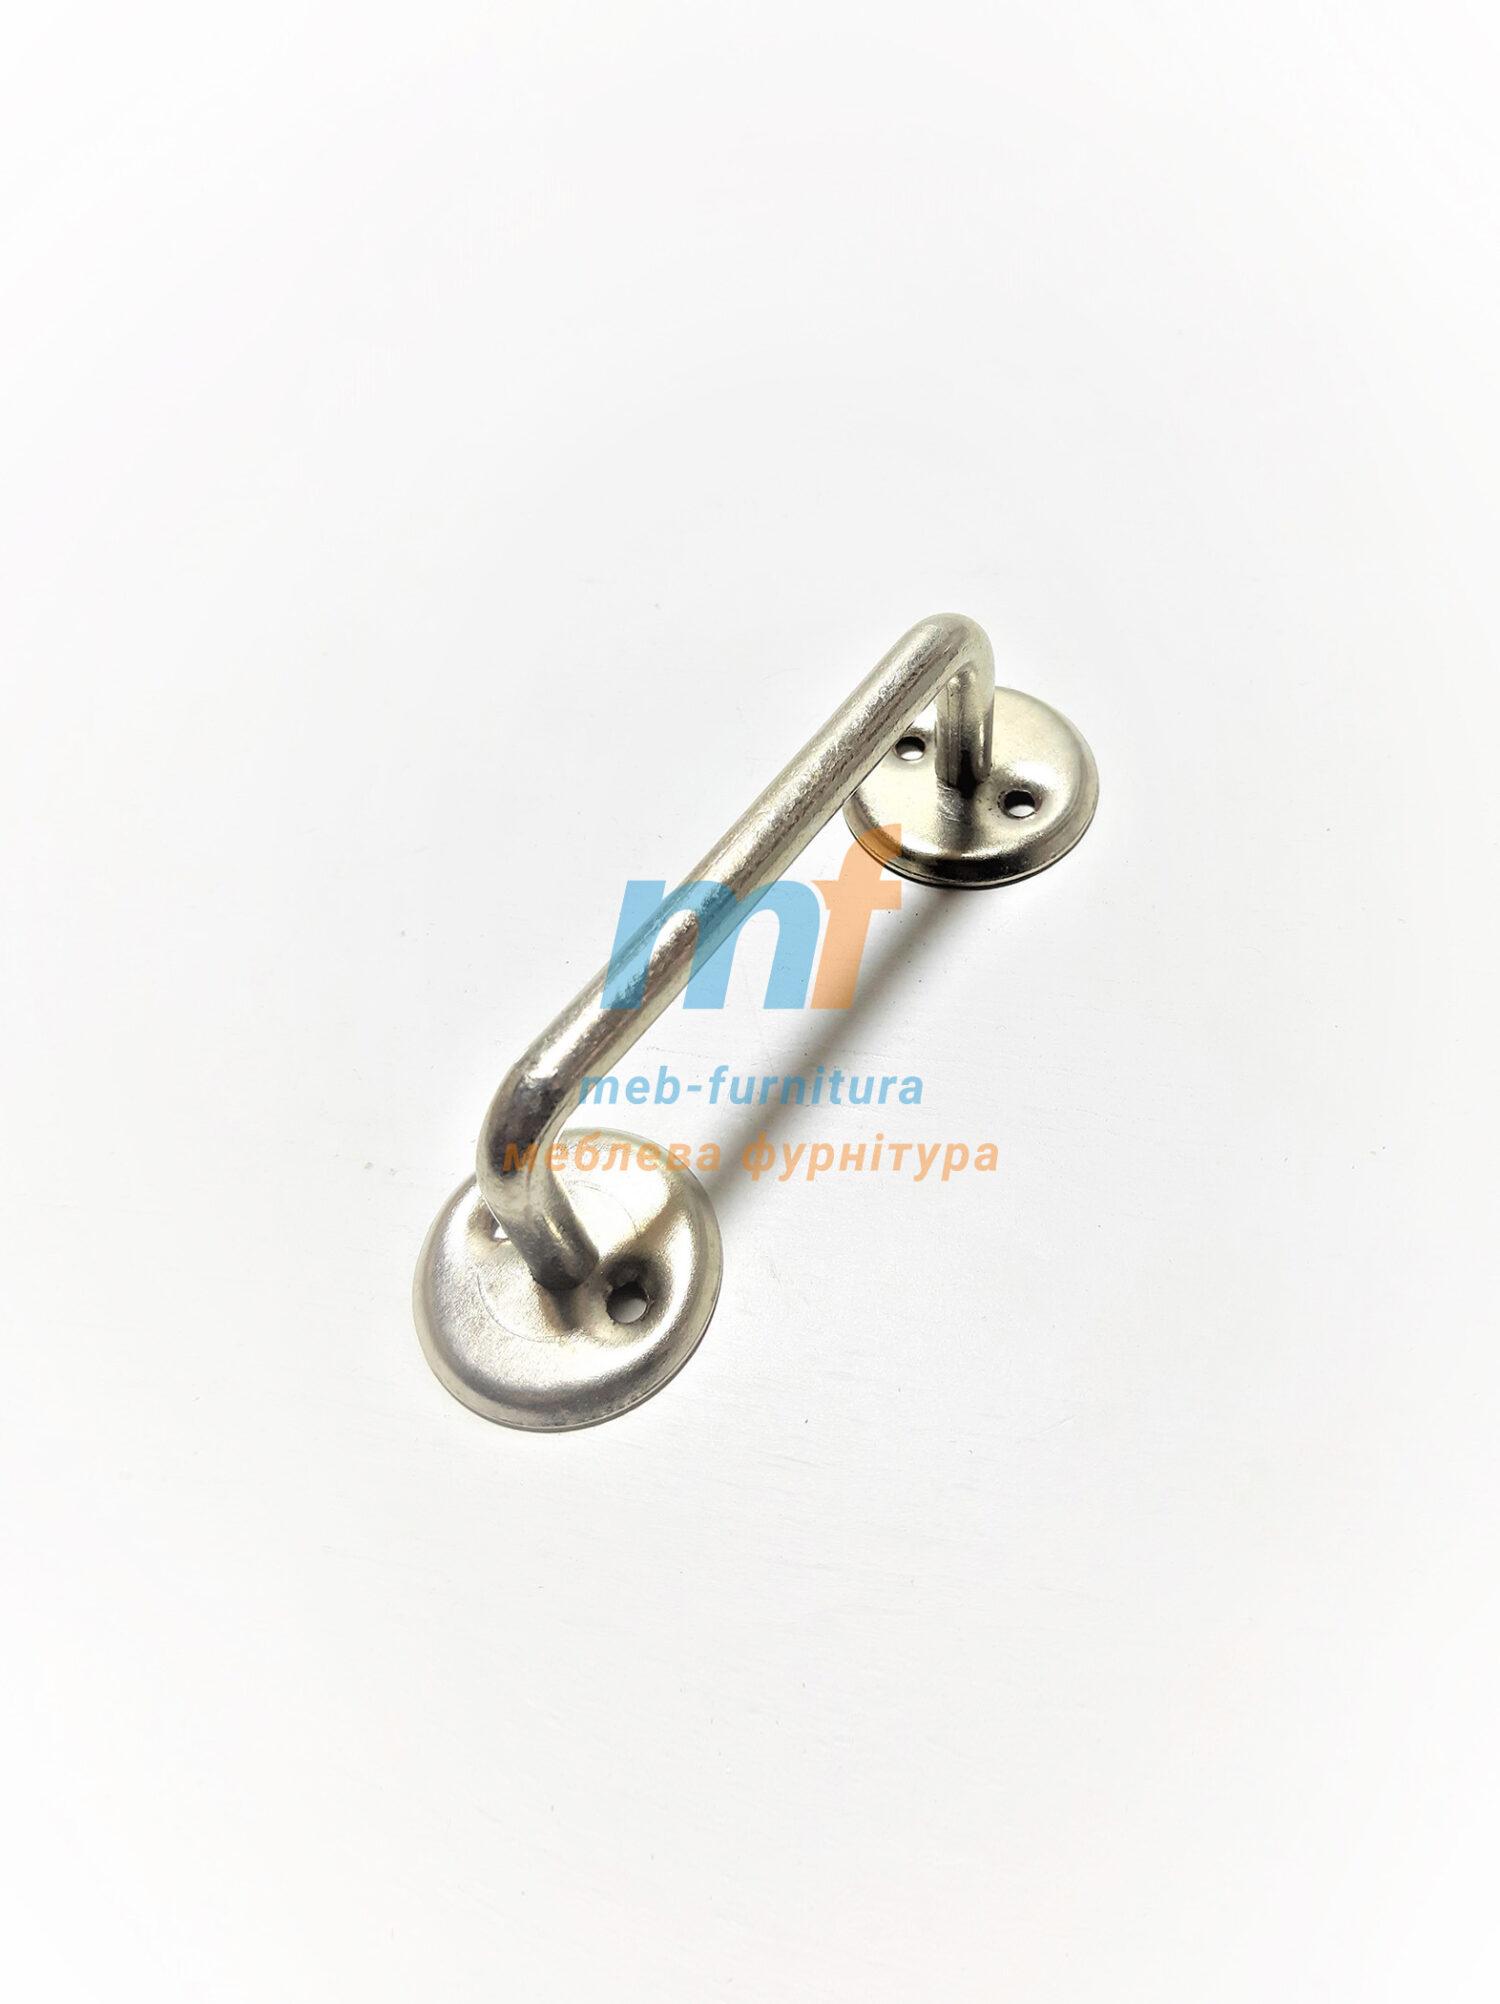 Ручка скоба РС-80 никель (под Симферополь)